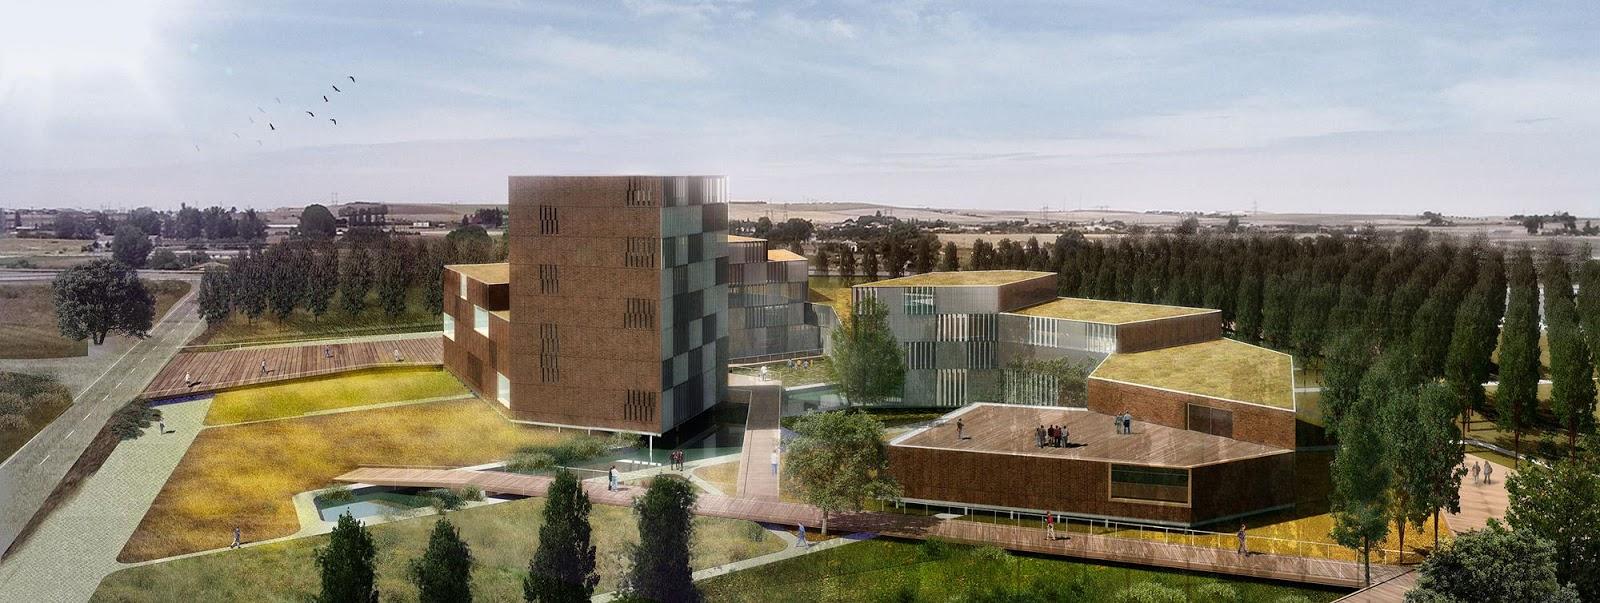 A f a s i a herreros arquitectos francisco mangado - Arquitectos en zamora ...